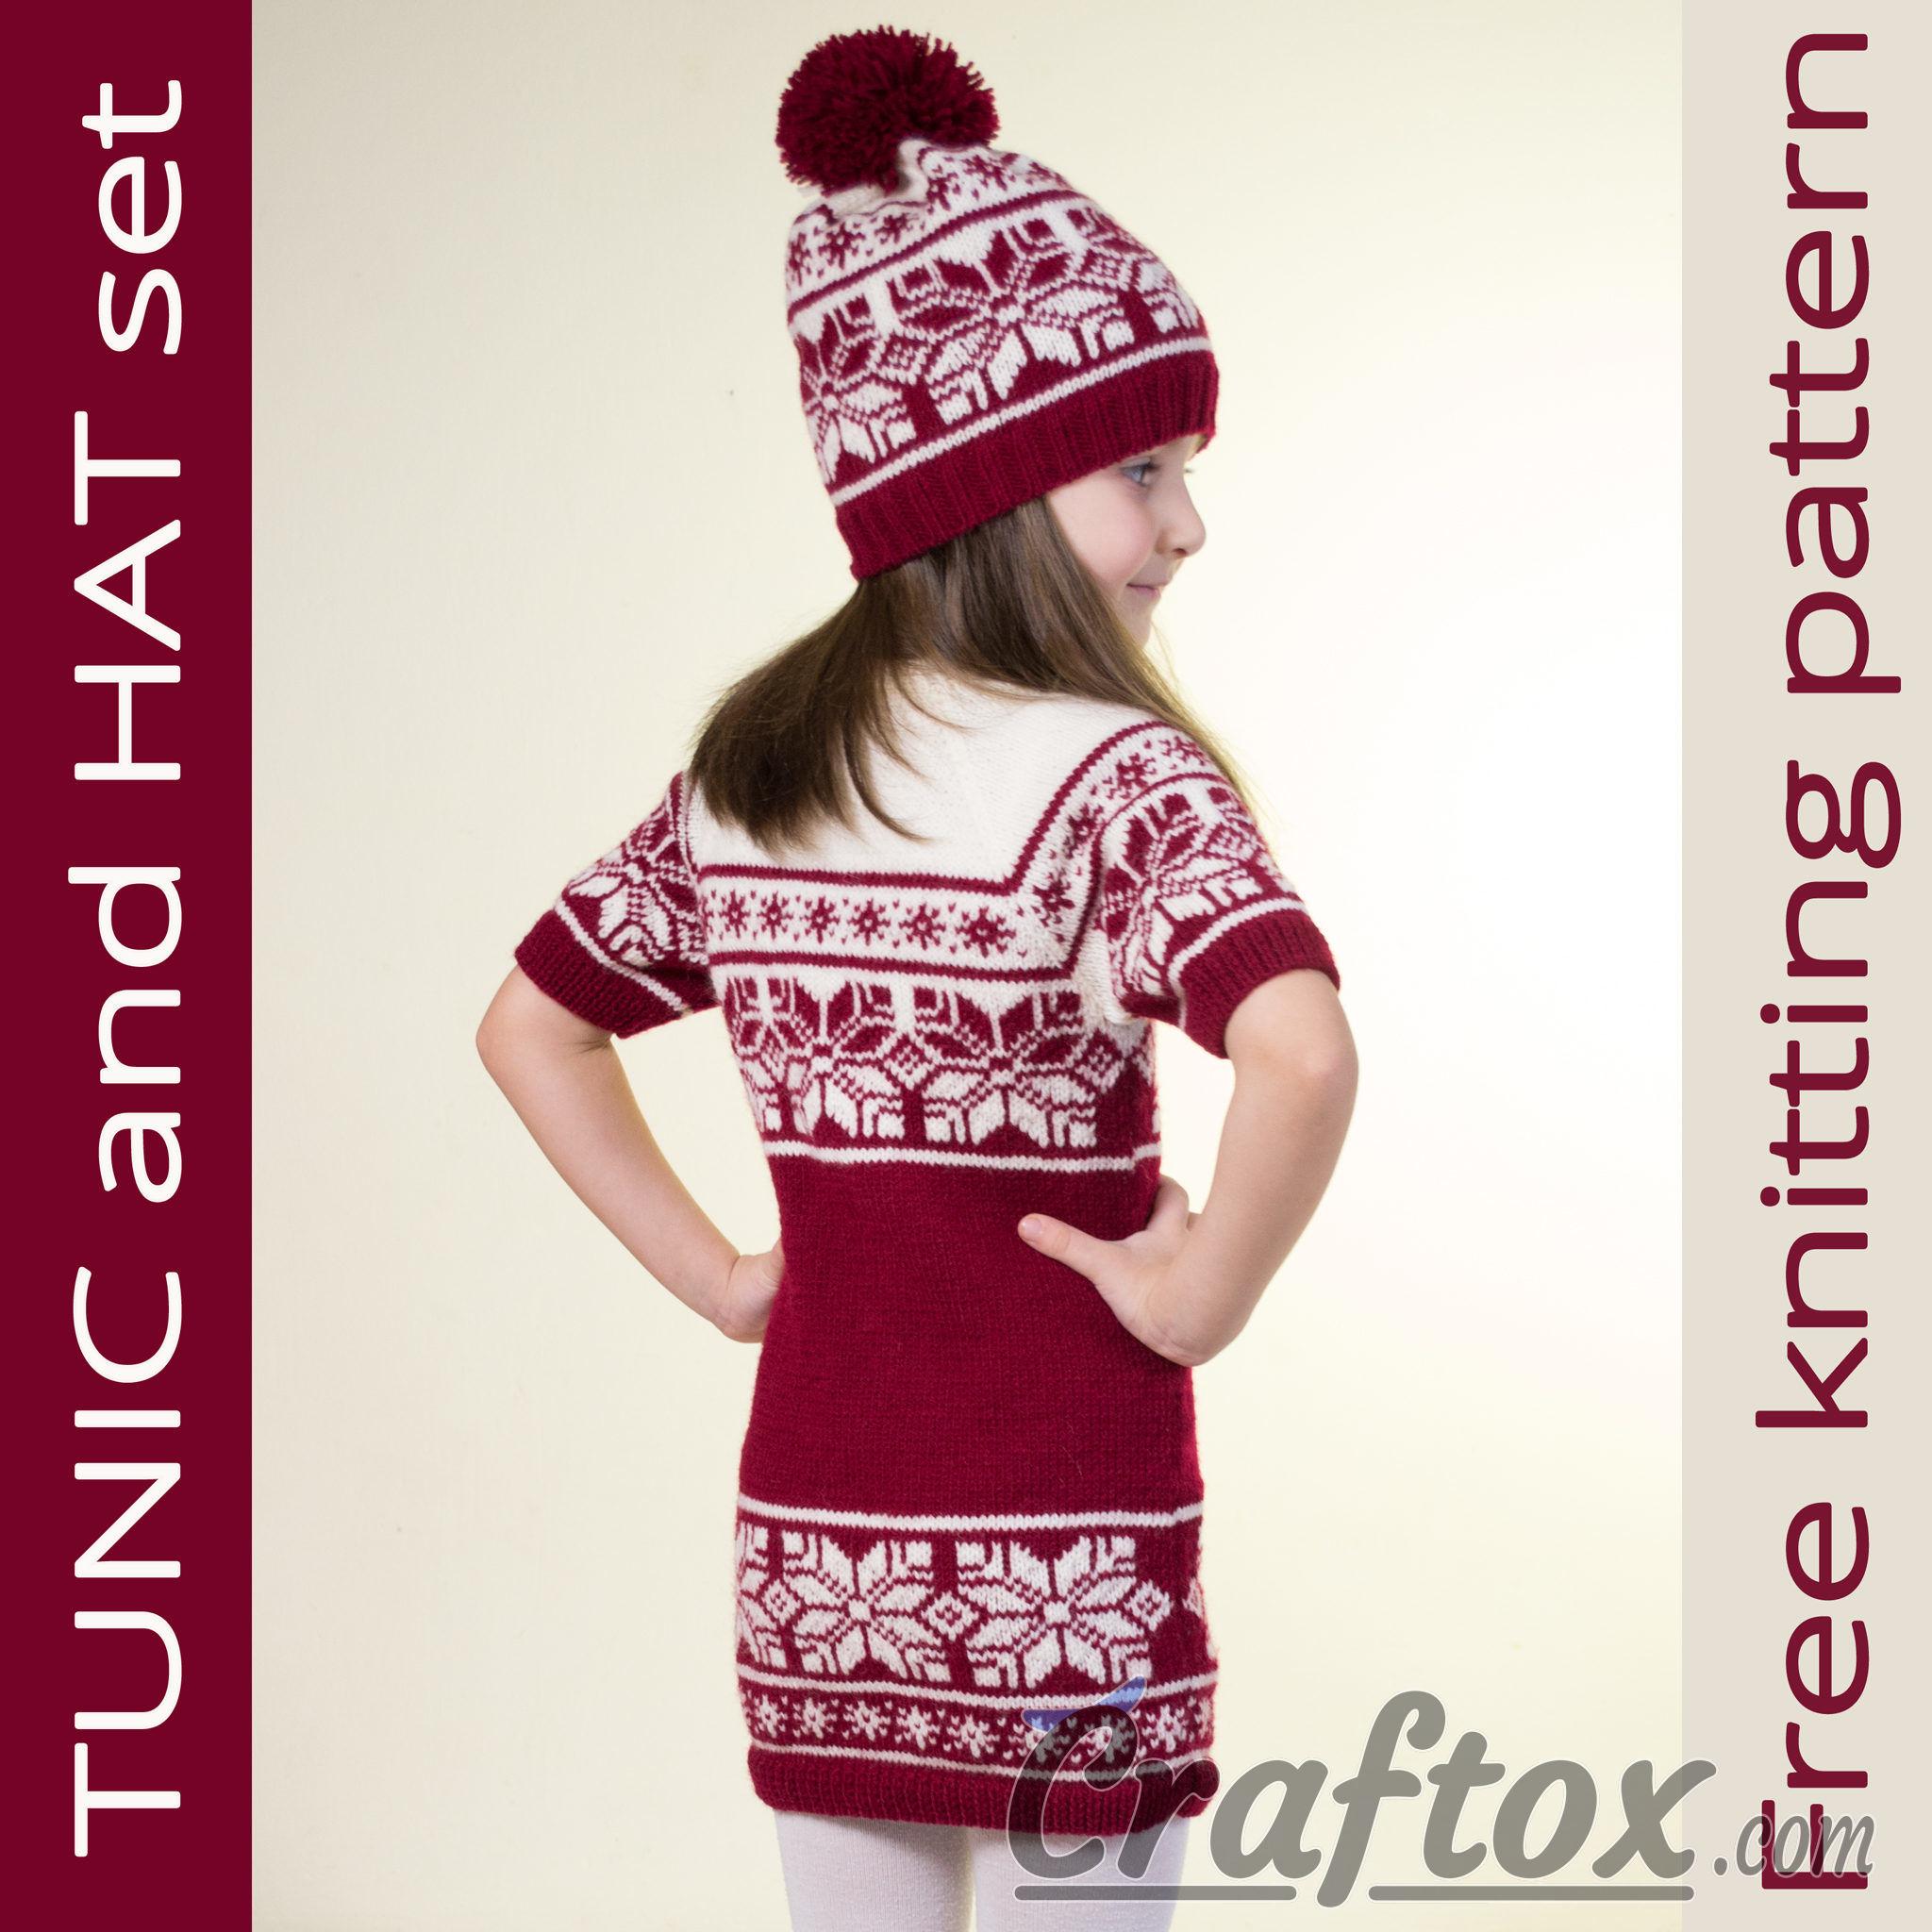 Tunic (dress) and hat set. Free Jacquard knitting pattern.